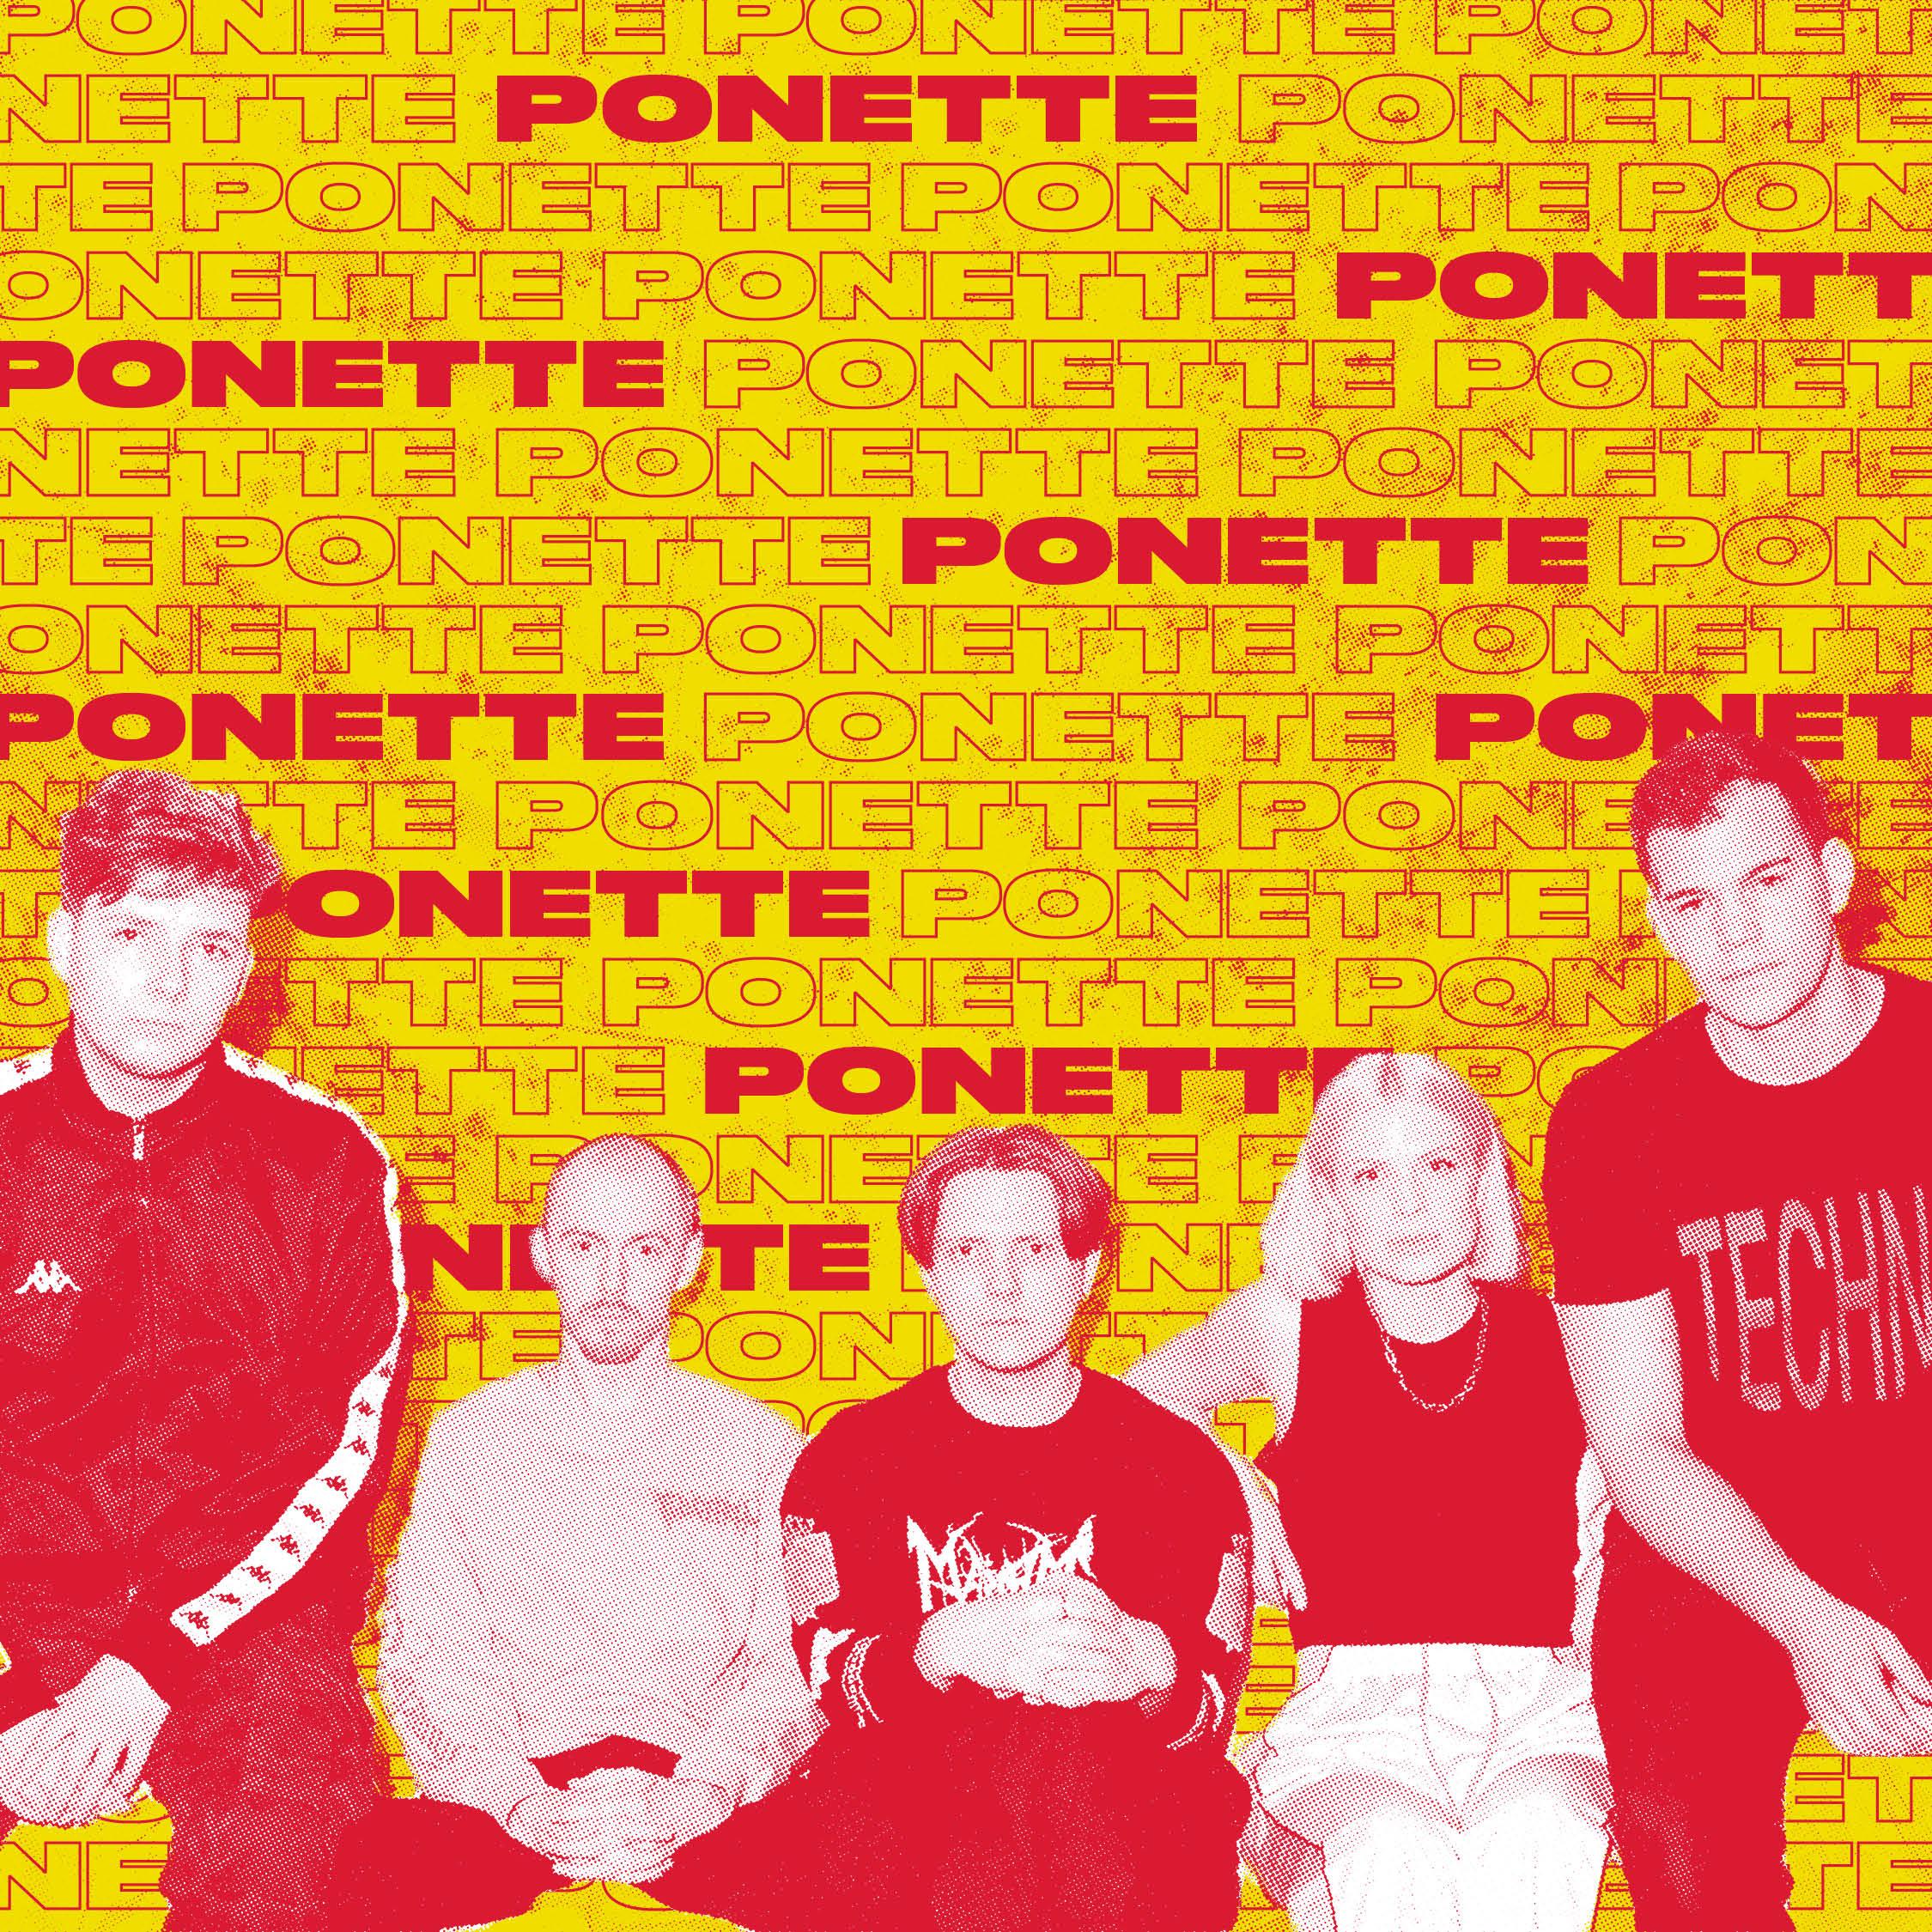 Ved å kombinere grunge-attitude med fengende, mørk popmusikk, har kvintetten Ponette allerede blitt dratt fram som «one to watch» av noen av verdens ledende tastemakere. I et stilrent univers satt sammen av delikate, fengende vokal-hooks, glitchete gitarer og tighte, elektroniske trommer beveger Ponette seg i et dynamisk lydlandskap vekslende mellom energiske og intense elementer på høyde med Die Antwoord-produksjoner og majestetiske, euforiske partier som kan minne om Susanne Sundfør på sitt beste. Ny EP er på vei til høsten!